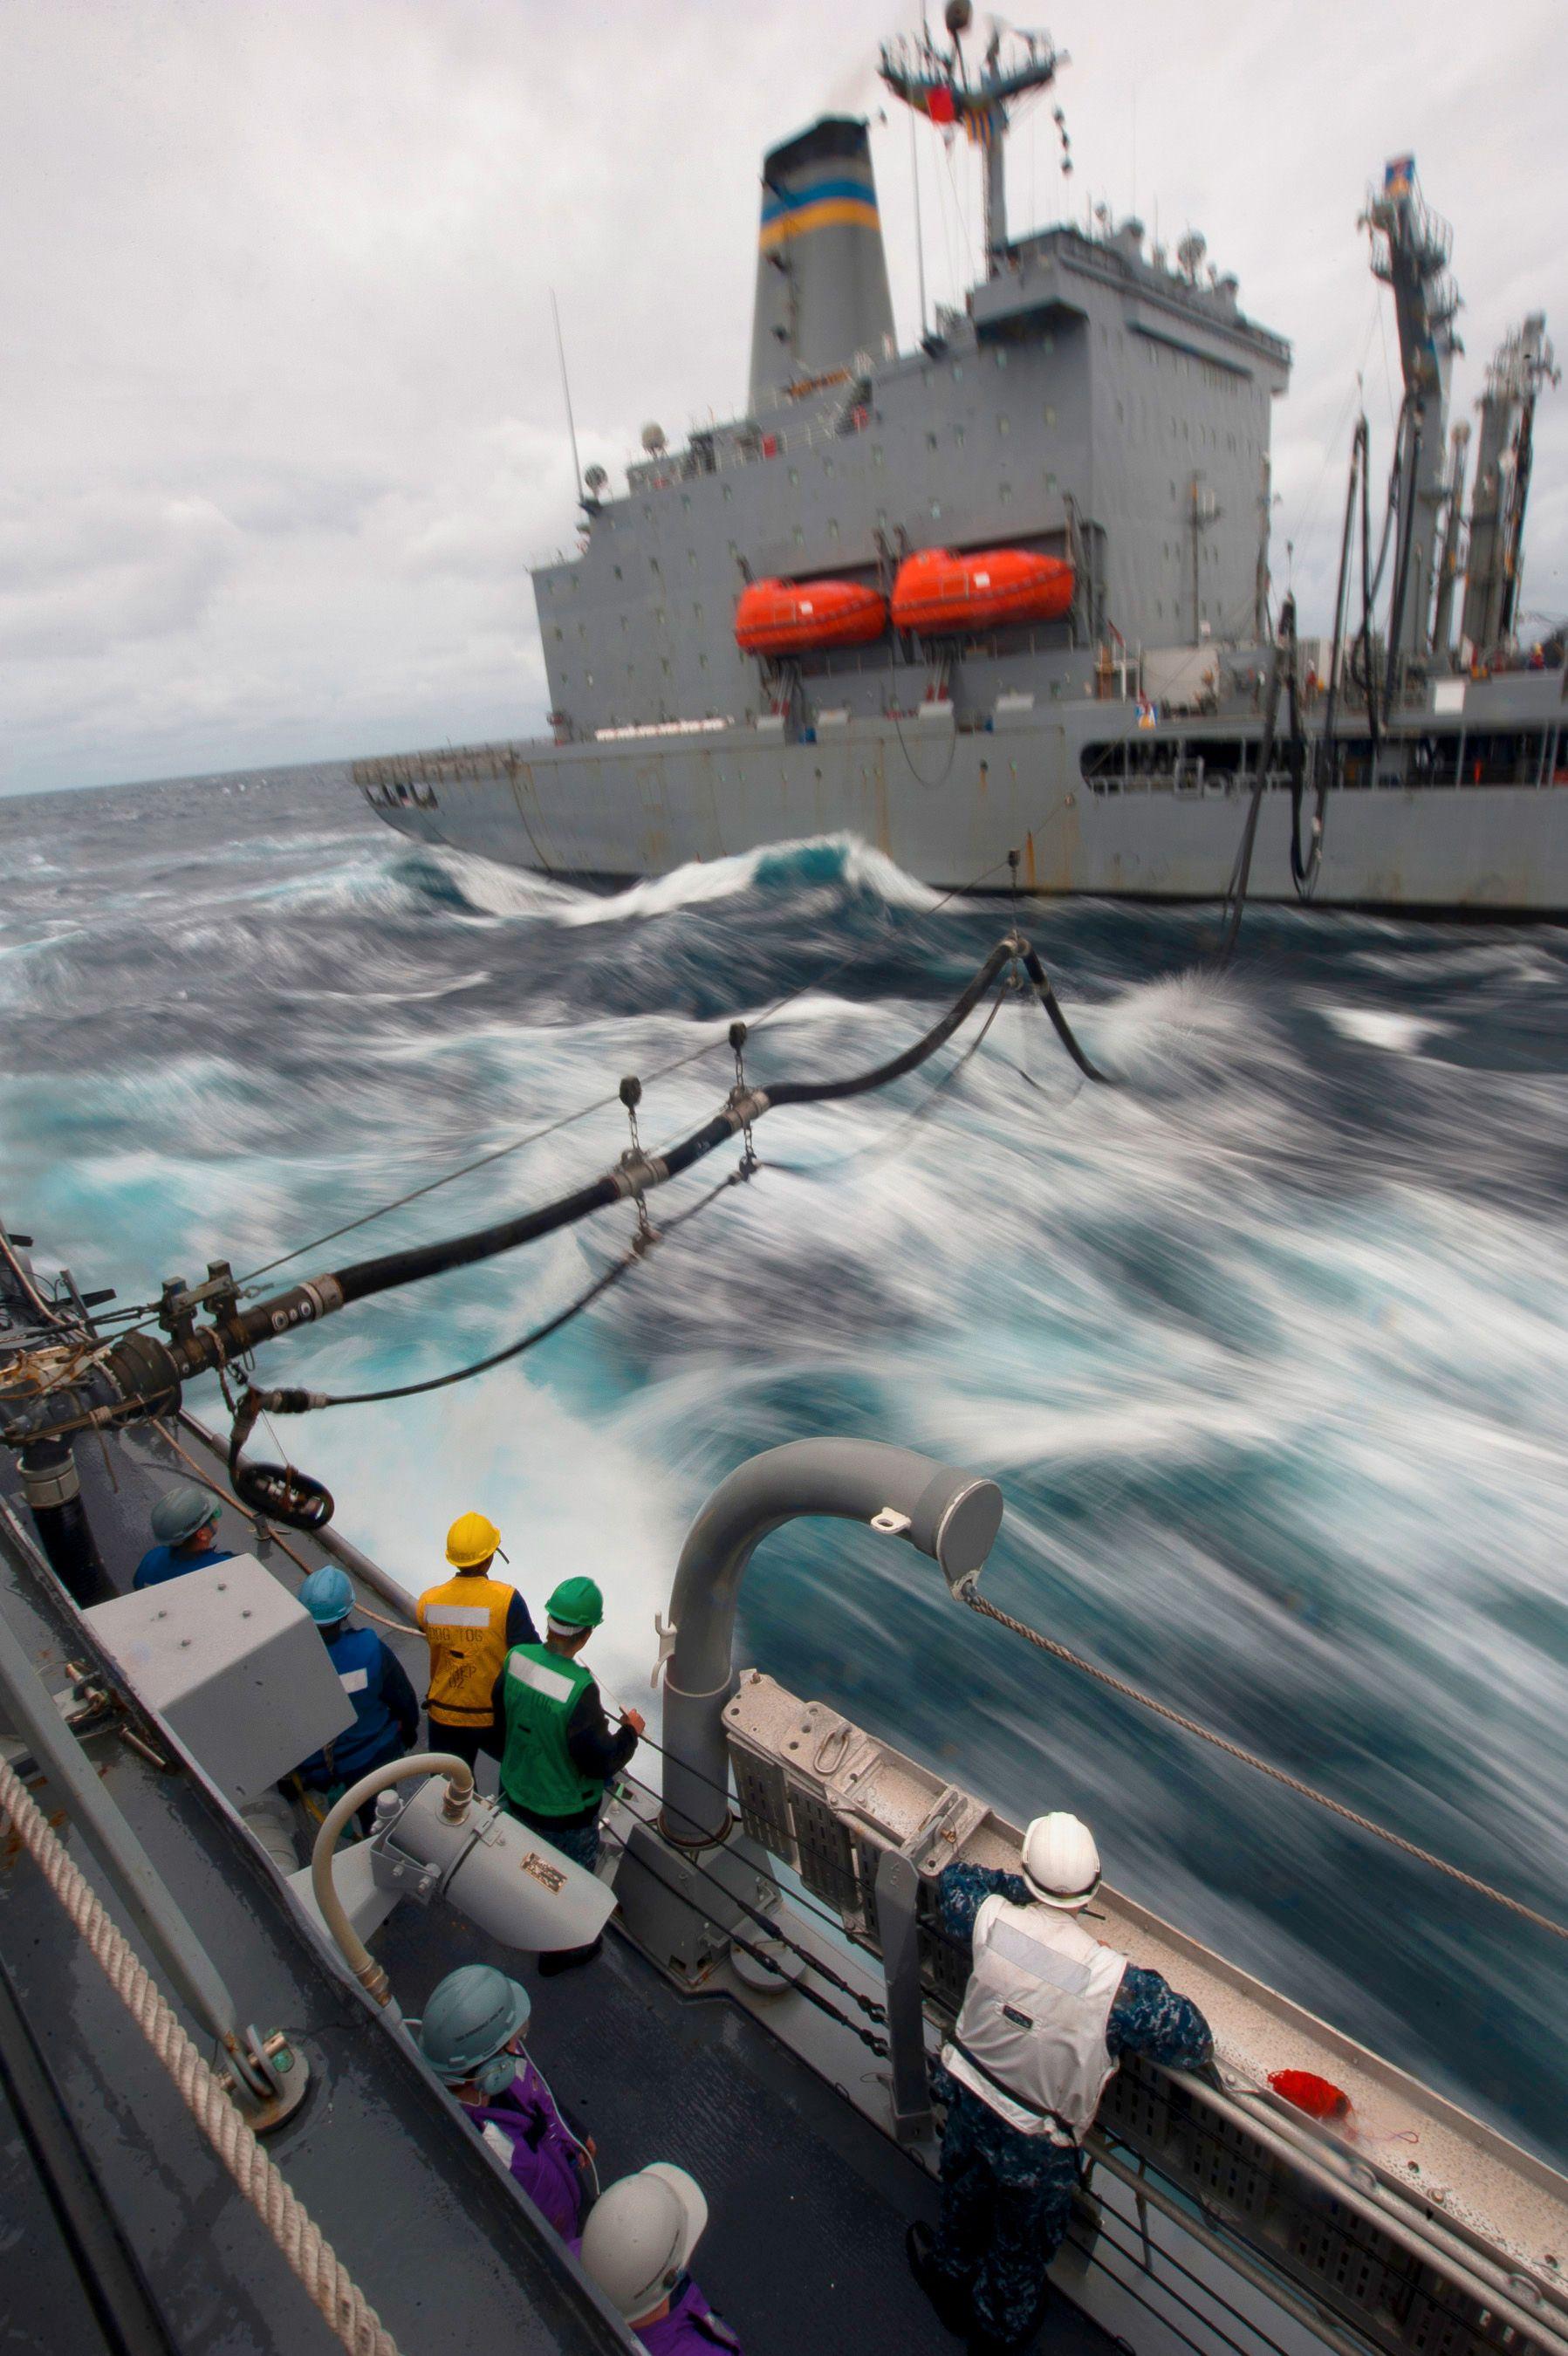 Det er tungvint og kostbart å fylle drivstoff på sjøen. Men i framtiden kan dette bli unødvendig.Foto: U.S. Navy Military Sea Lift Command